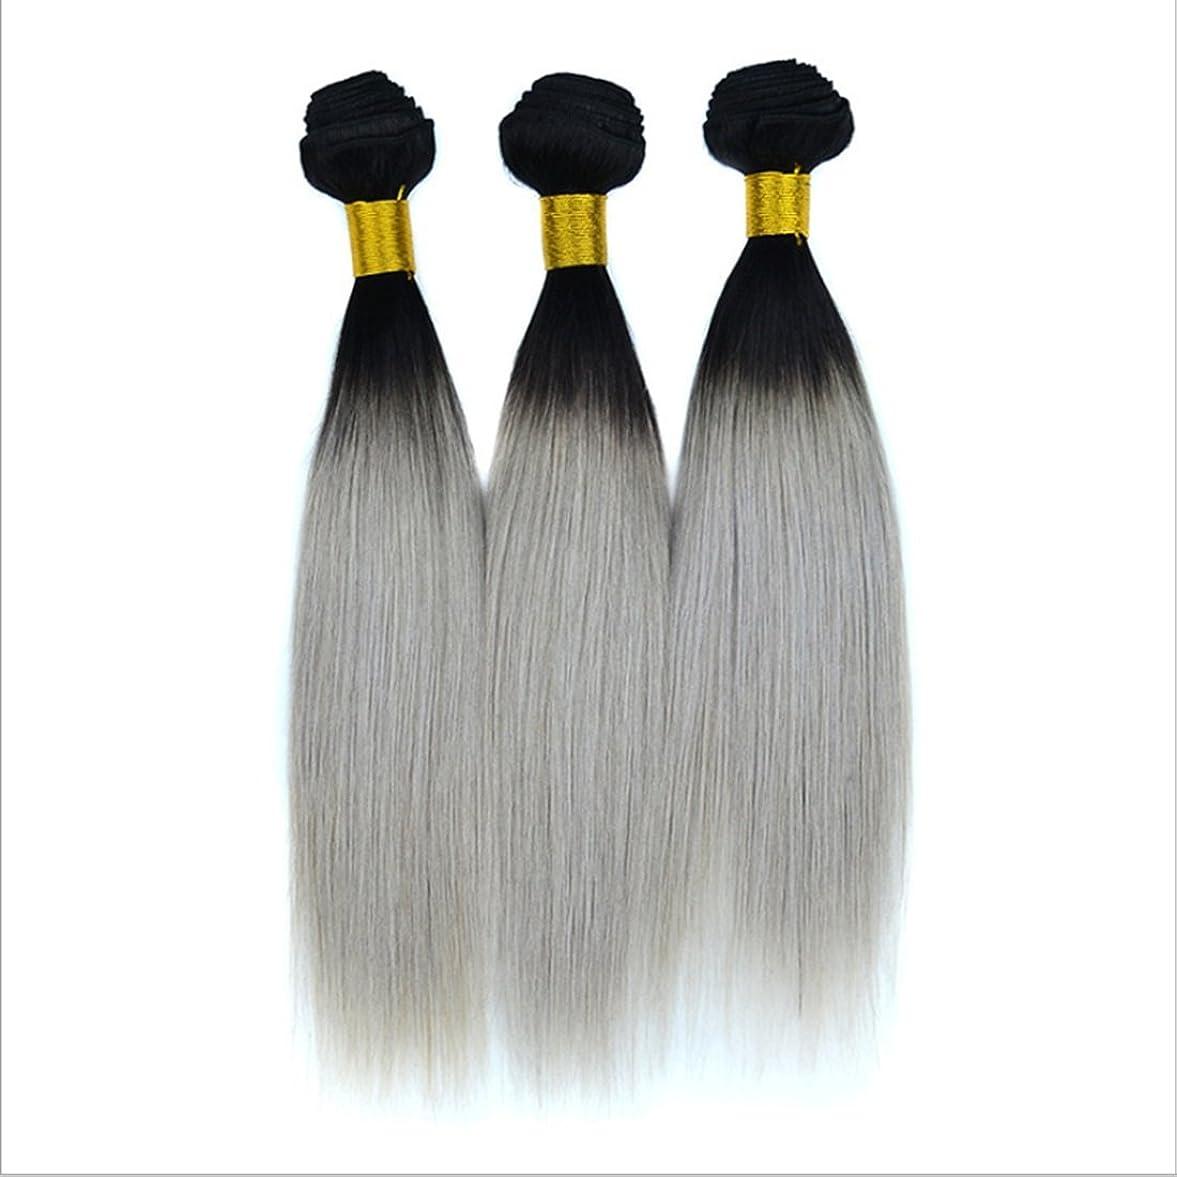 マージ収束アートバージンリアルストレート人間の毛のカーテンブラジルの女性のためのヘアエクステンションナチュラルブラックグラデーションシルバーグレーヘアピンストレートヘア100g(10inch?18inch) (サイズ : 14 inches)